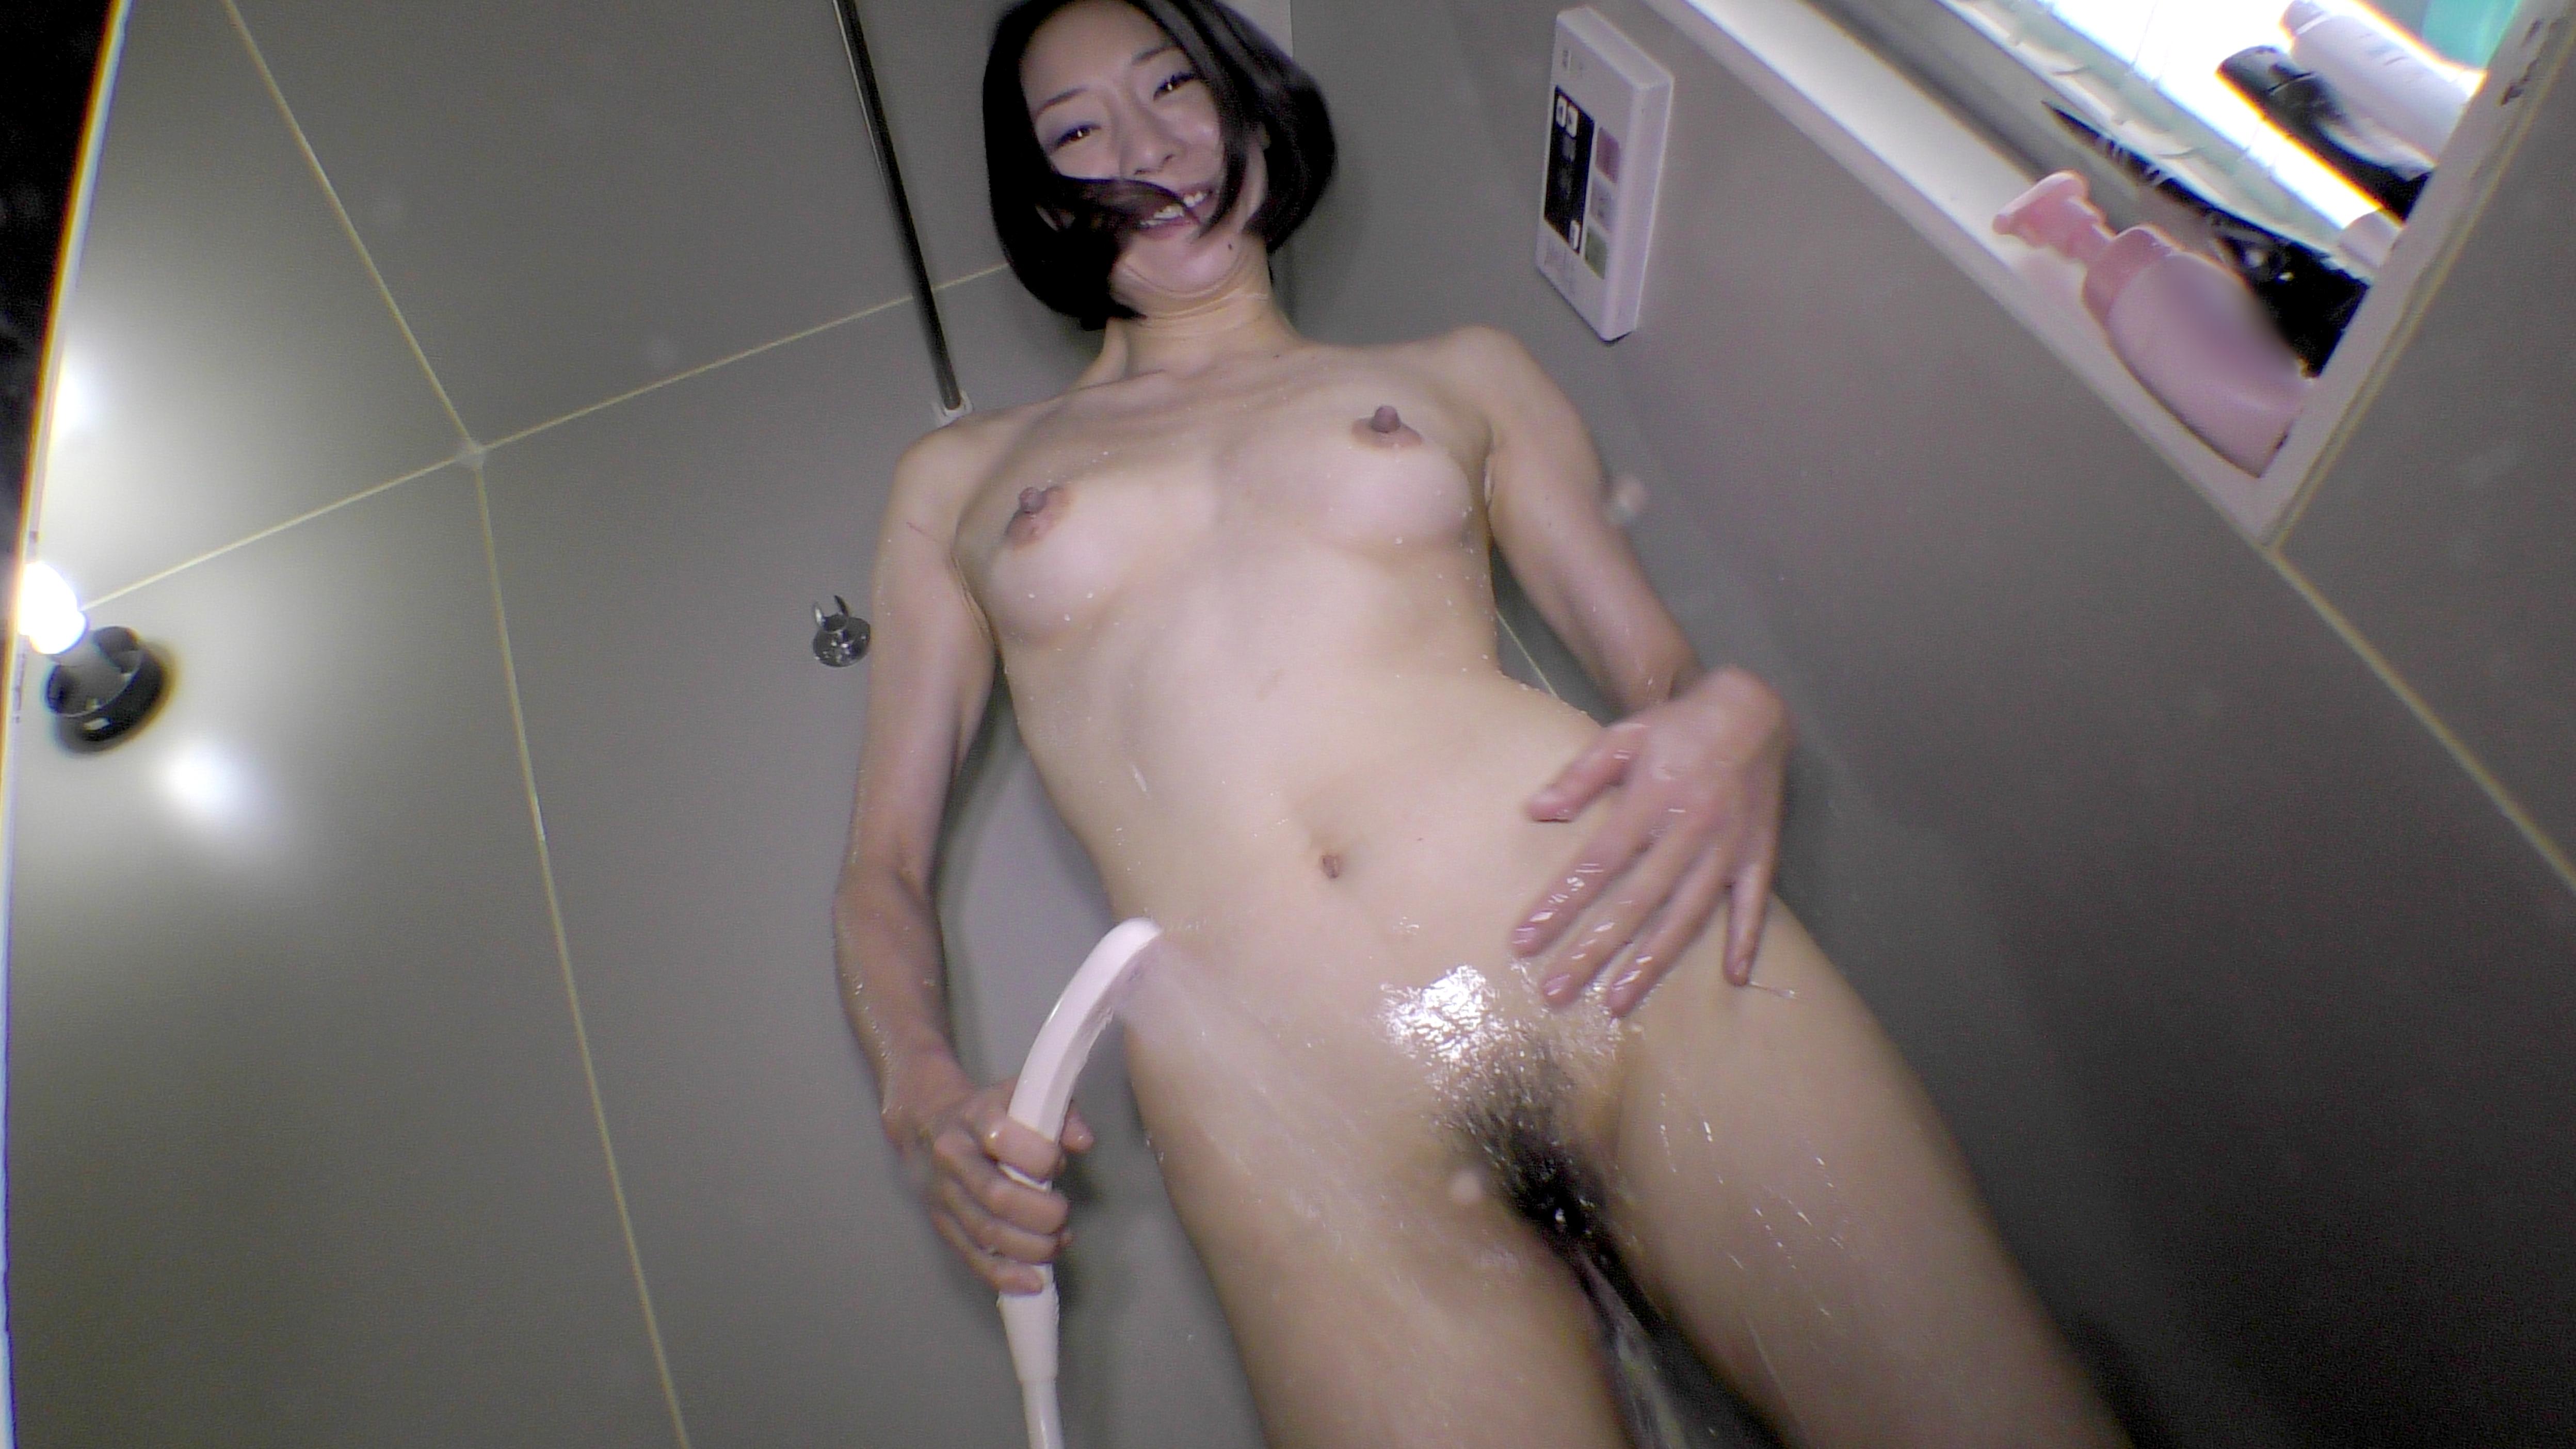 カラダを洗う しんぴな娘たち 31